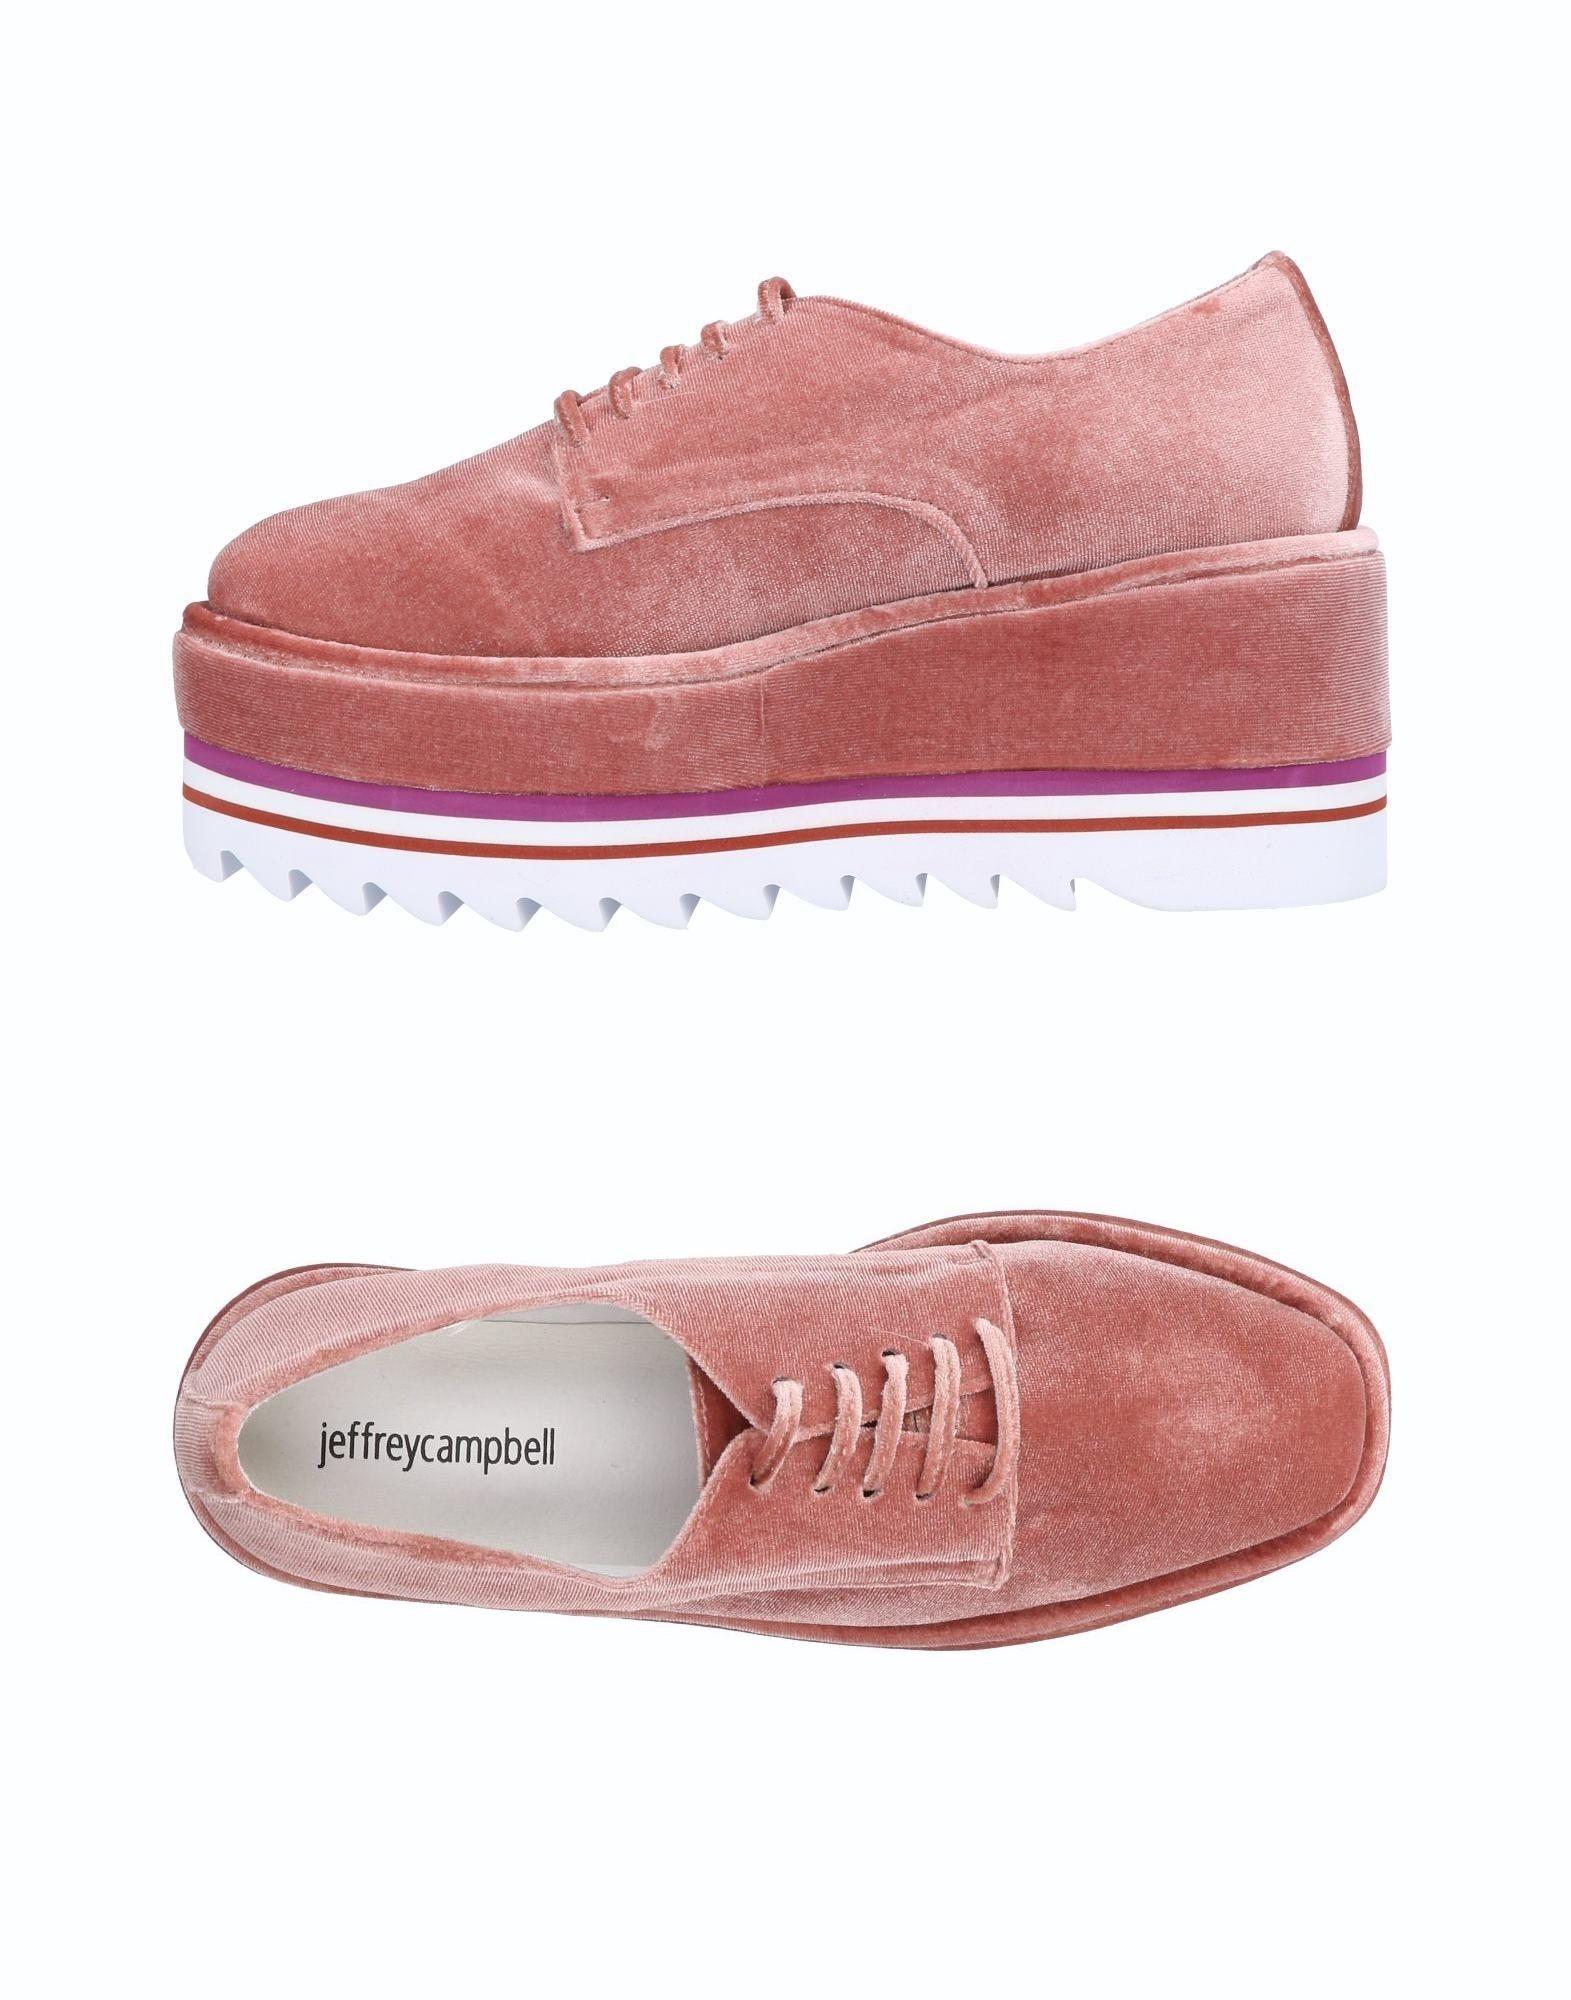 Jeffrey Campbell Sneakers Damen Gutes Preis-Leistungs-Verhältnis, es lohnt sich 190